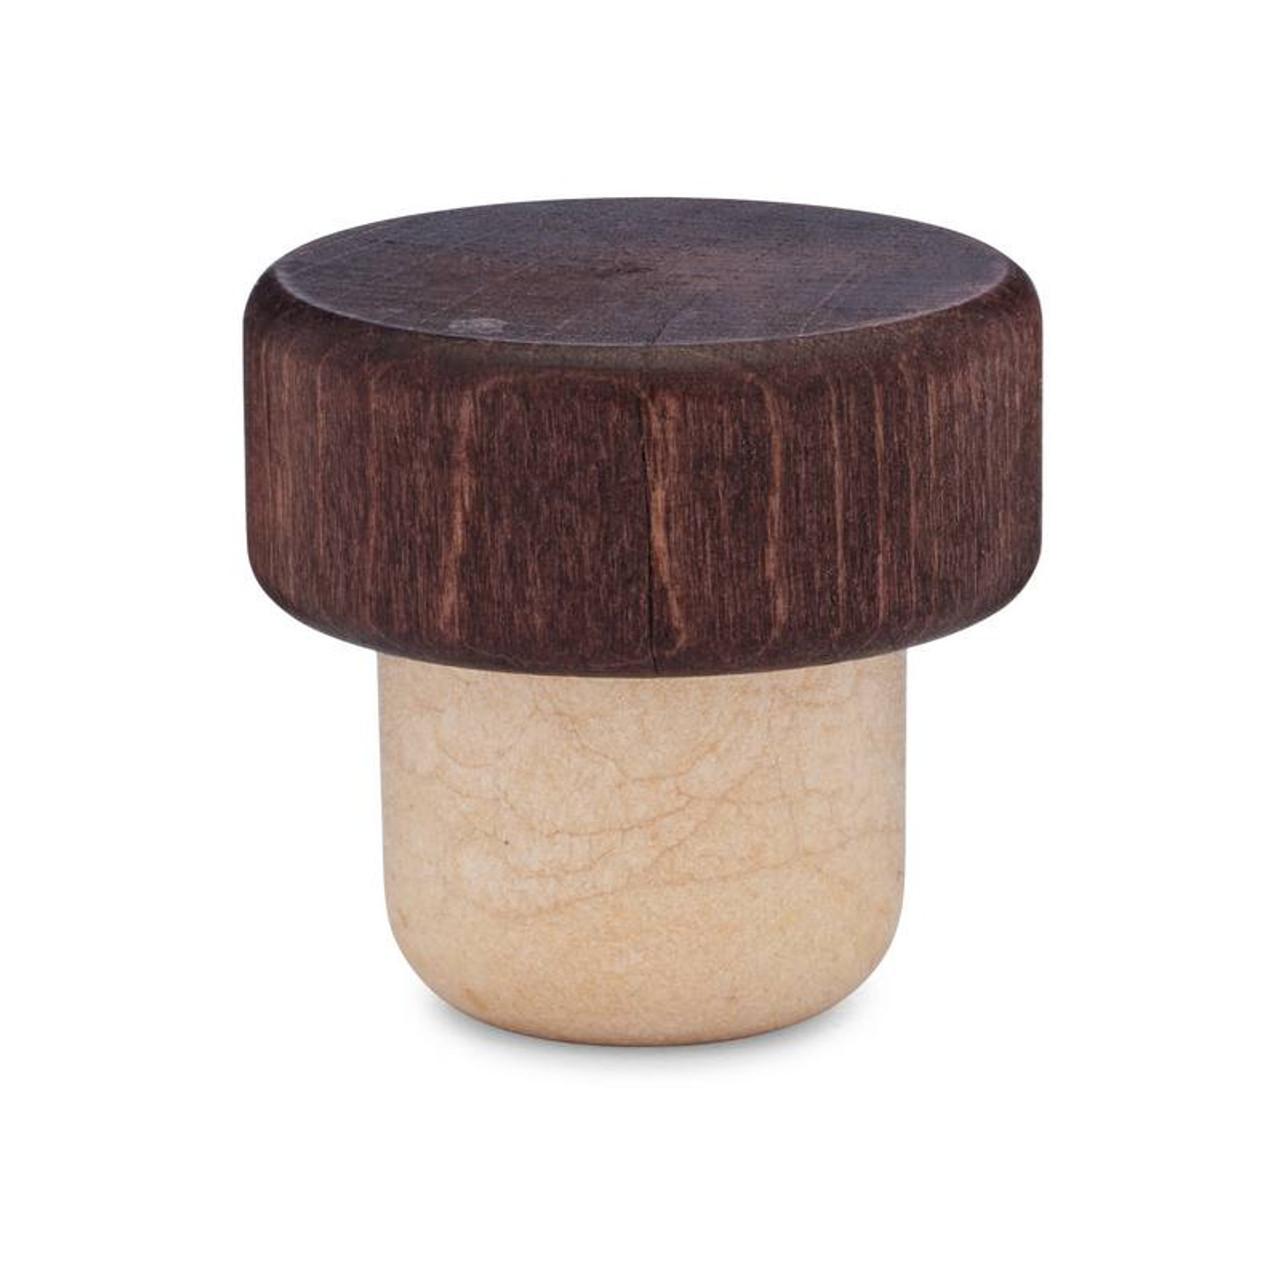 Cork head